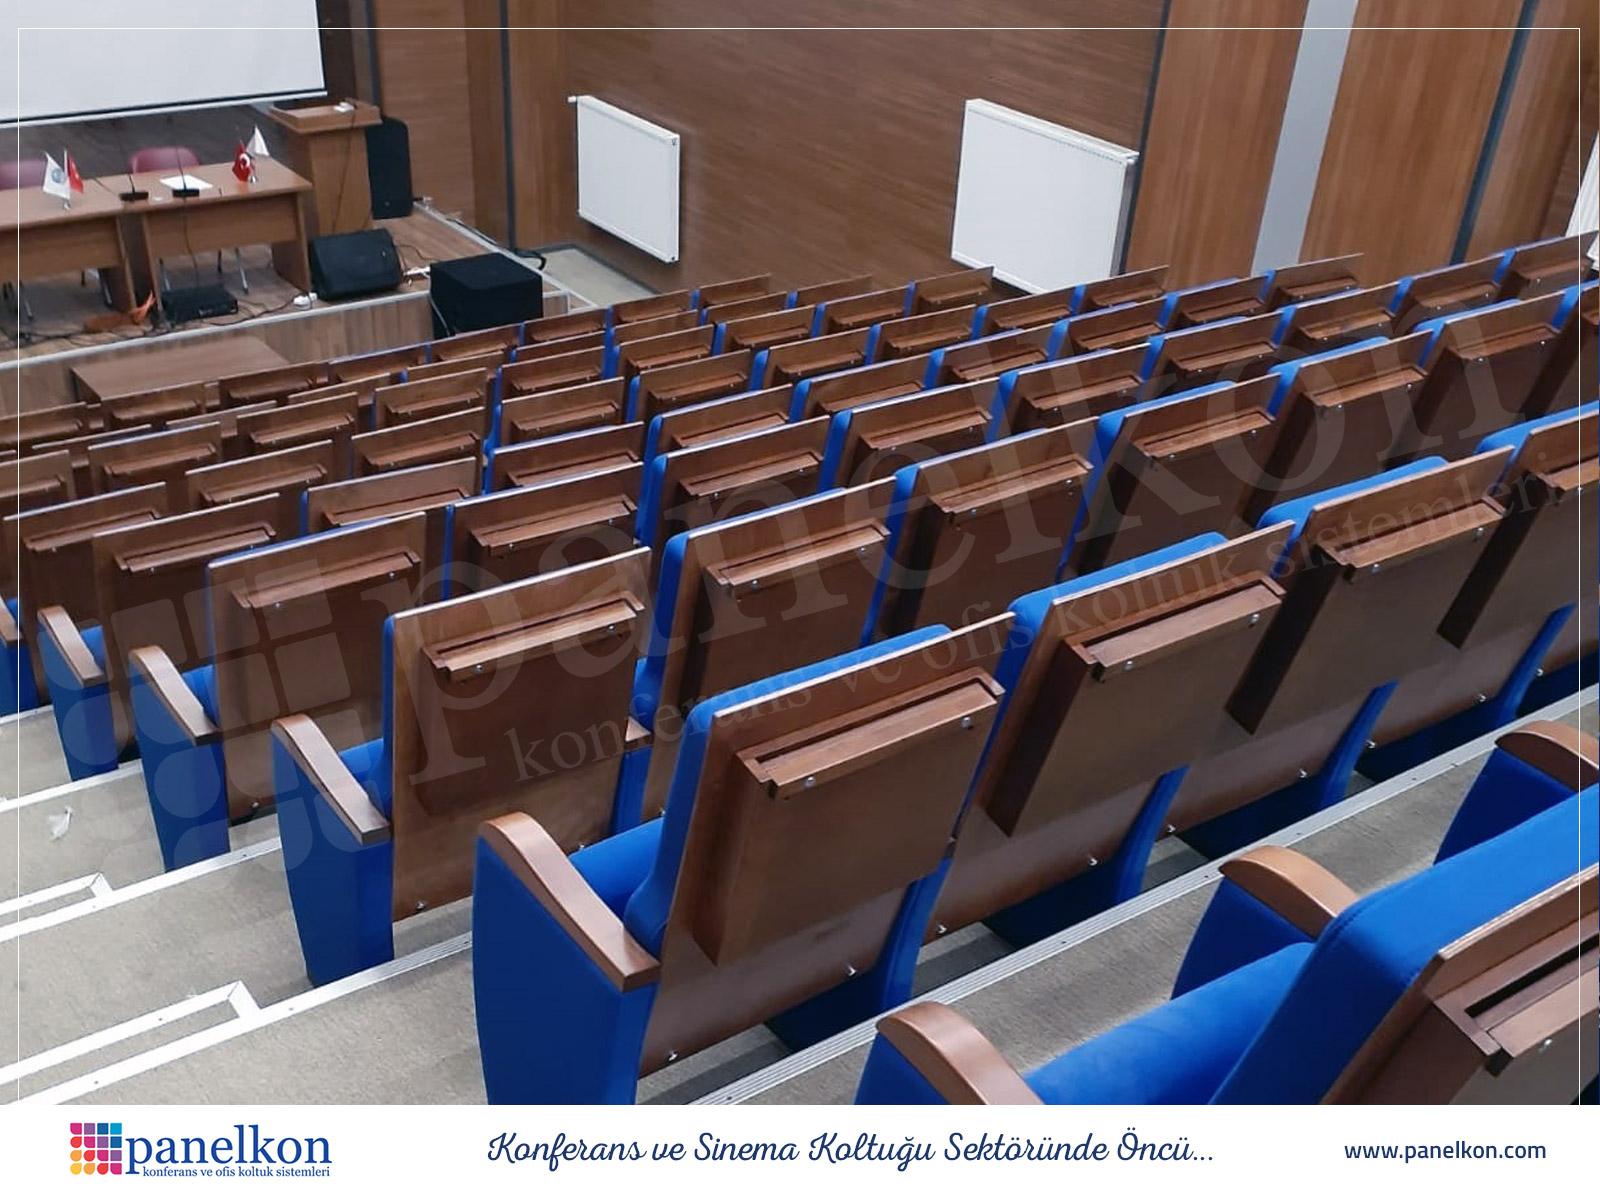 maramara üniversitesi göztepe kampüsü hukuk fakültesi konferans salonu koltukları (5)